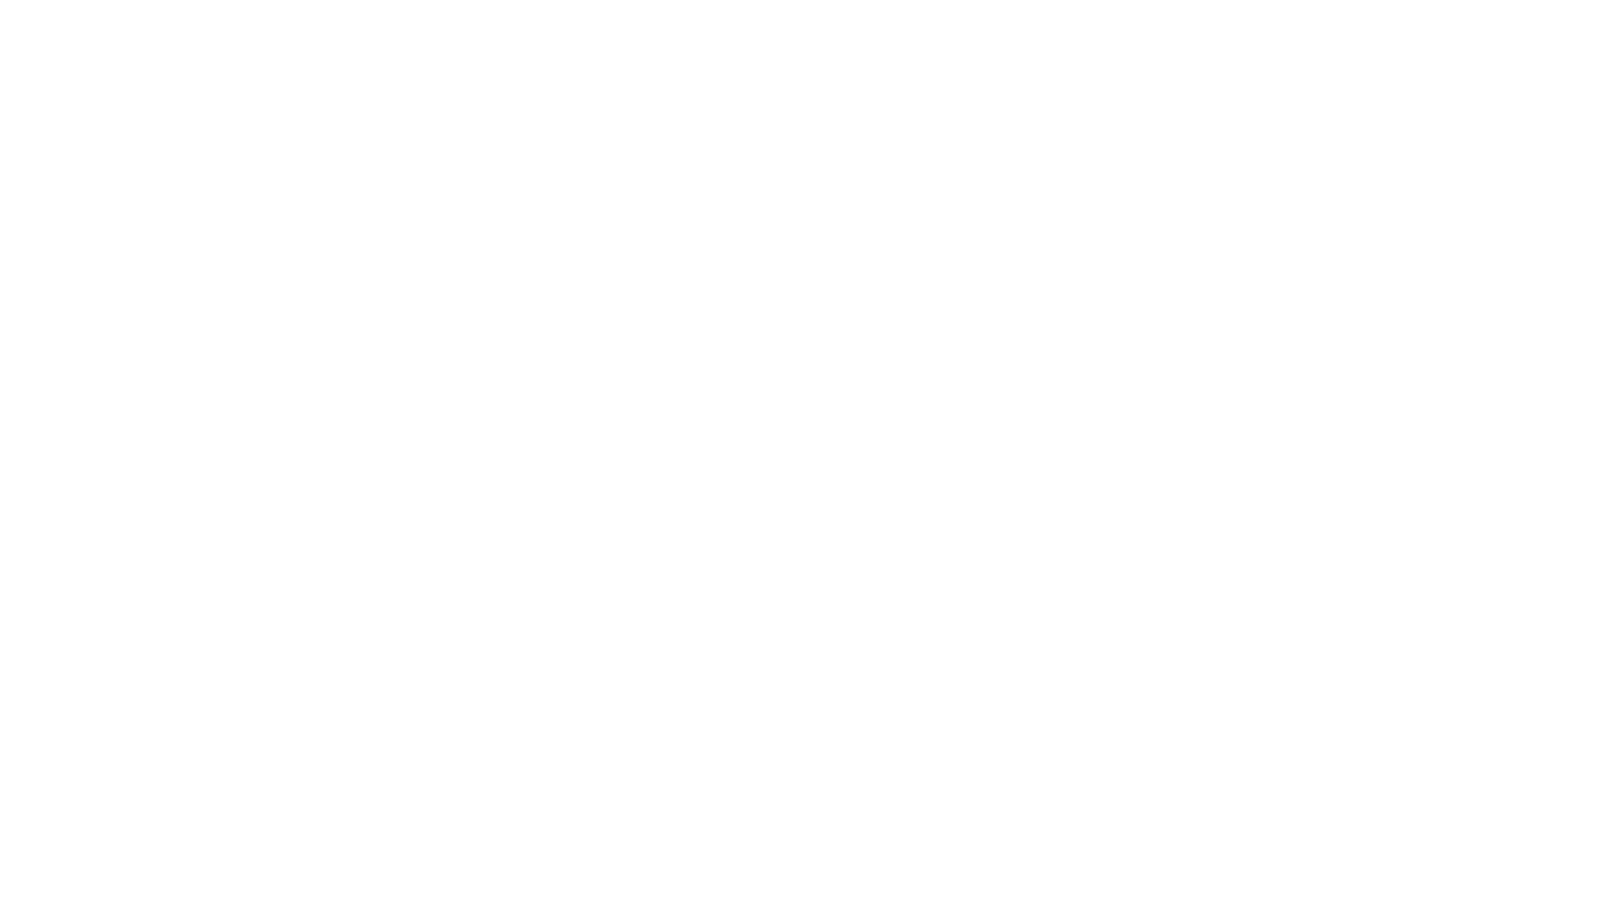 Om du är intresserad av att turista i rymden kommer nu en god nyhet - om bara fem år kan rymdturism från svensk mark vara verklighet. Trots dödsolyckan med Virgin Galactis förra året och eftersläpning med den svenska satsningen, menar bland andra astronauten Christer Fuglesang att det är fullt möjligt med rymdresor från Sverige.